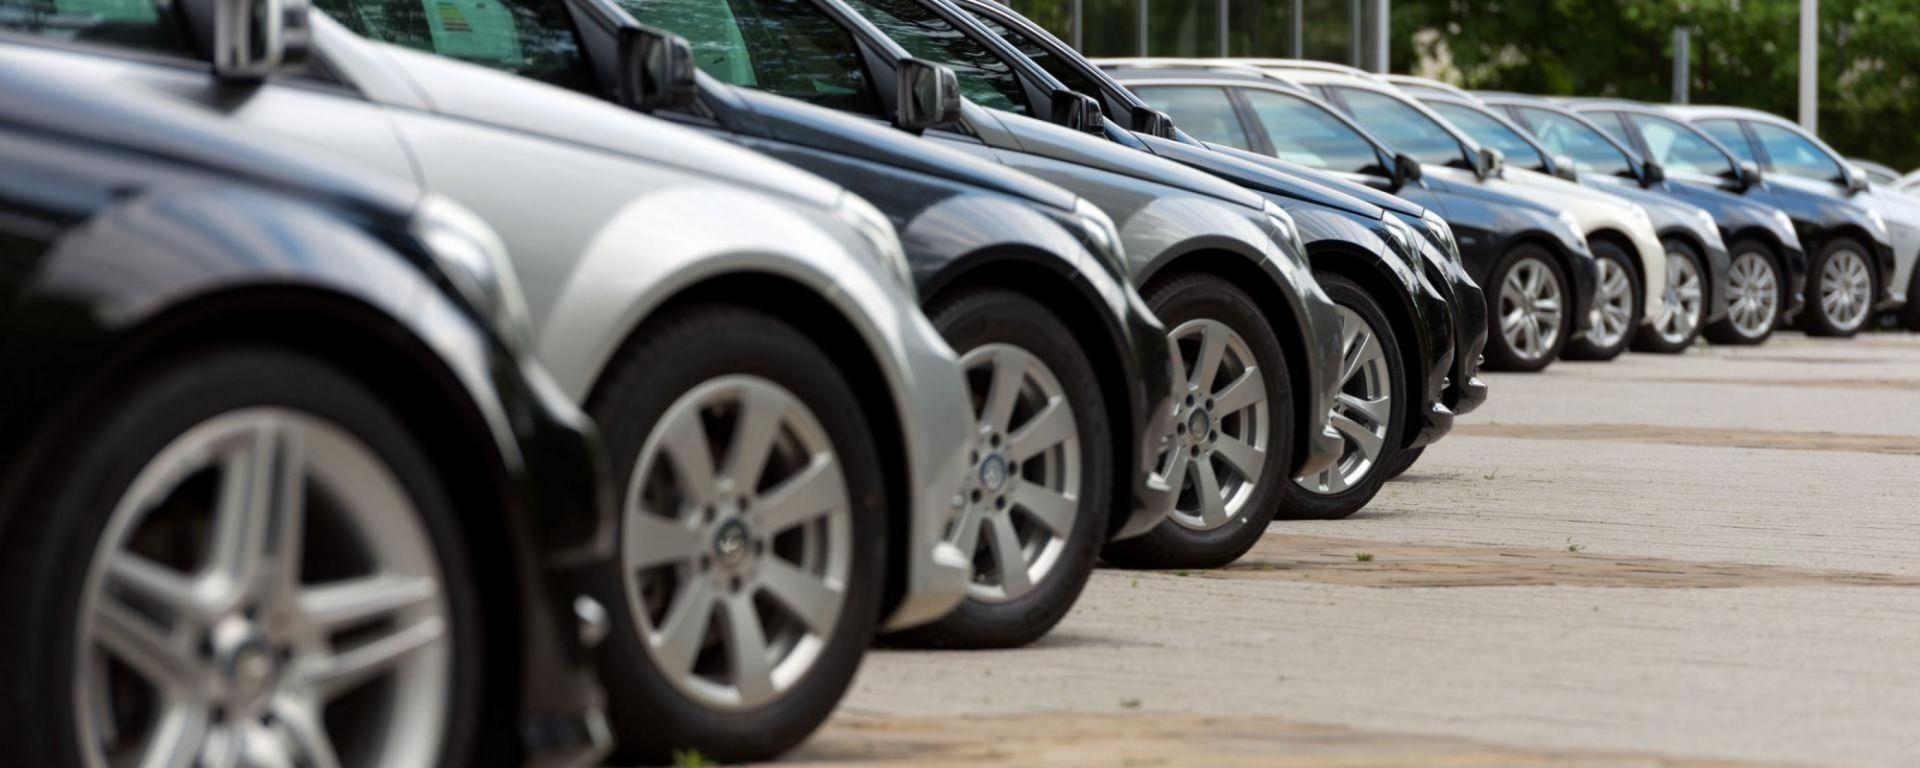 Mercato auto, Promotor stima per il 2017 oltre 2 milioni di unità